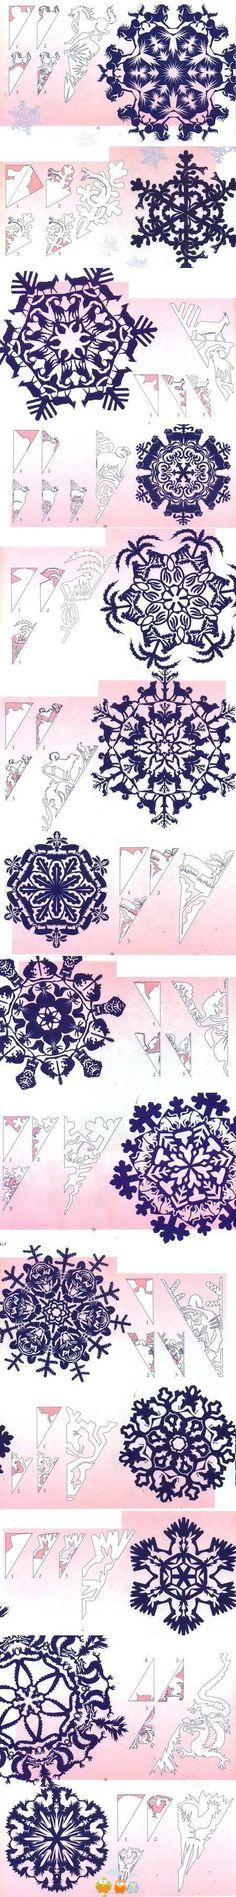 napperons en papier en forme d'animaux